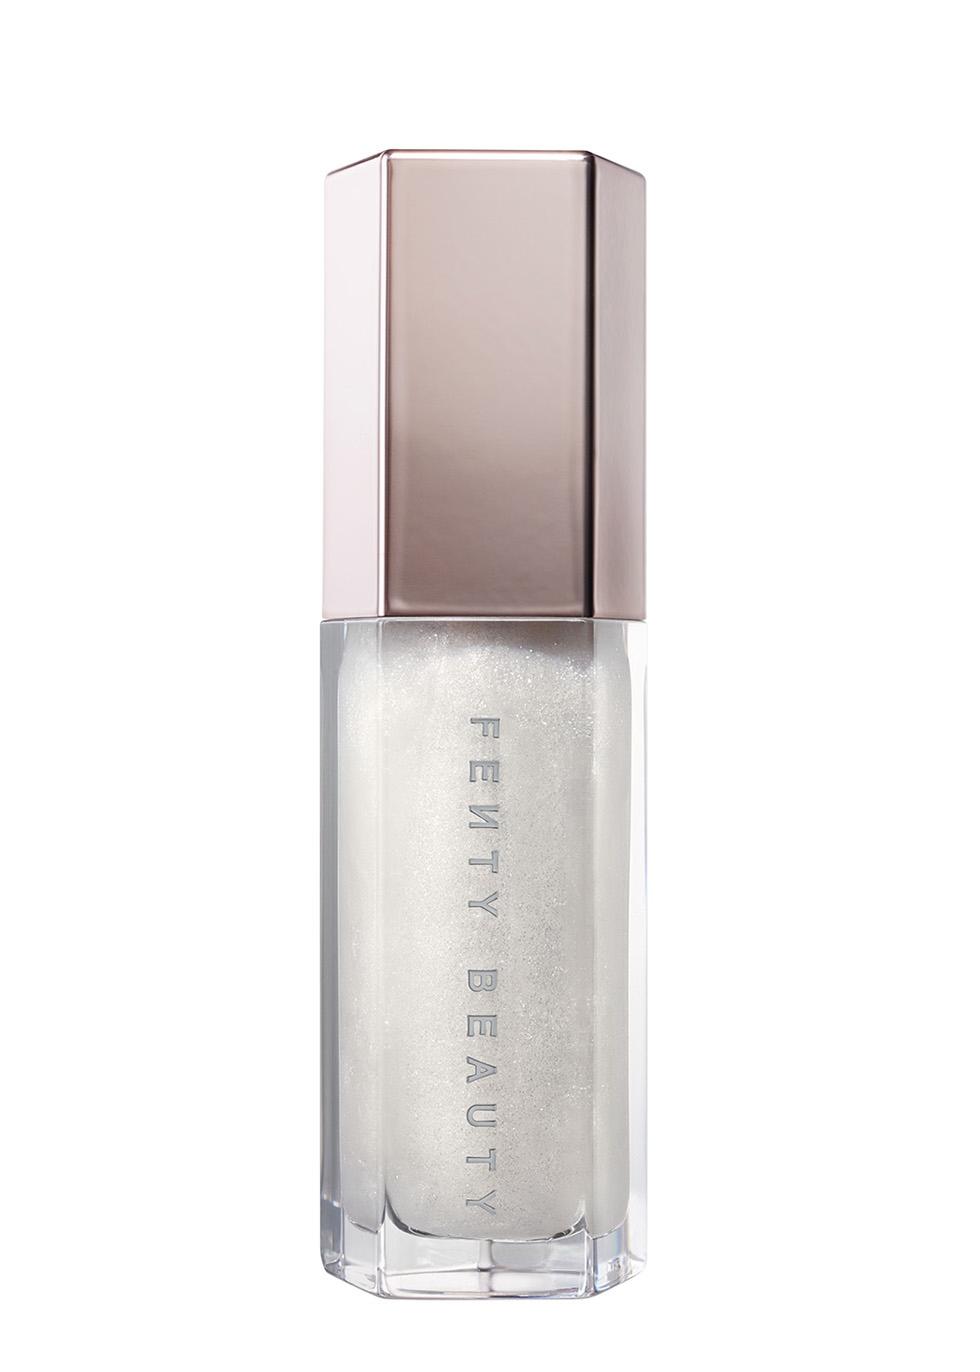 Rihanna Fenty Beauty Gloss Bomb in Diamond Milk